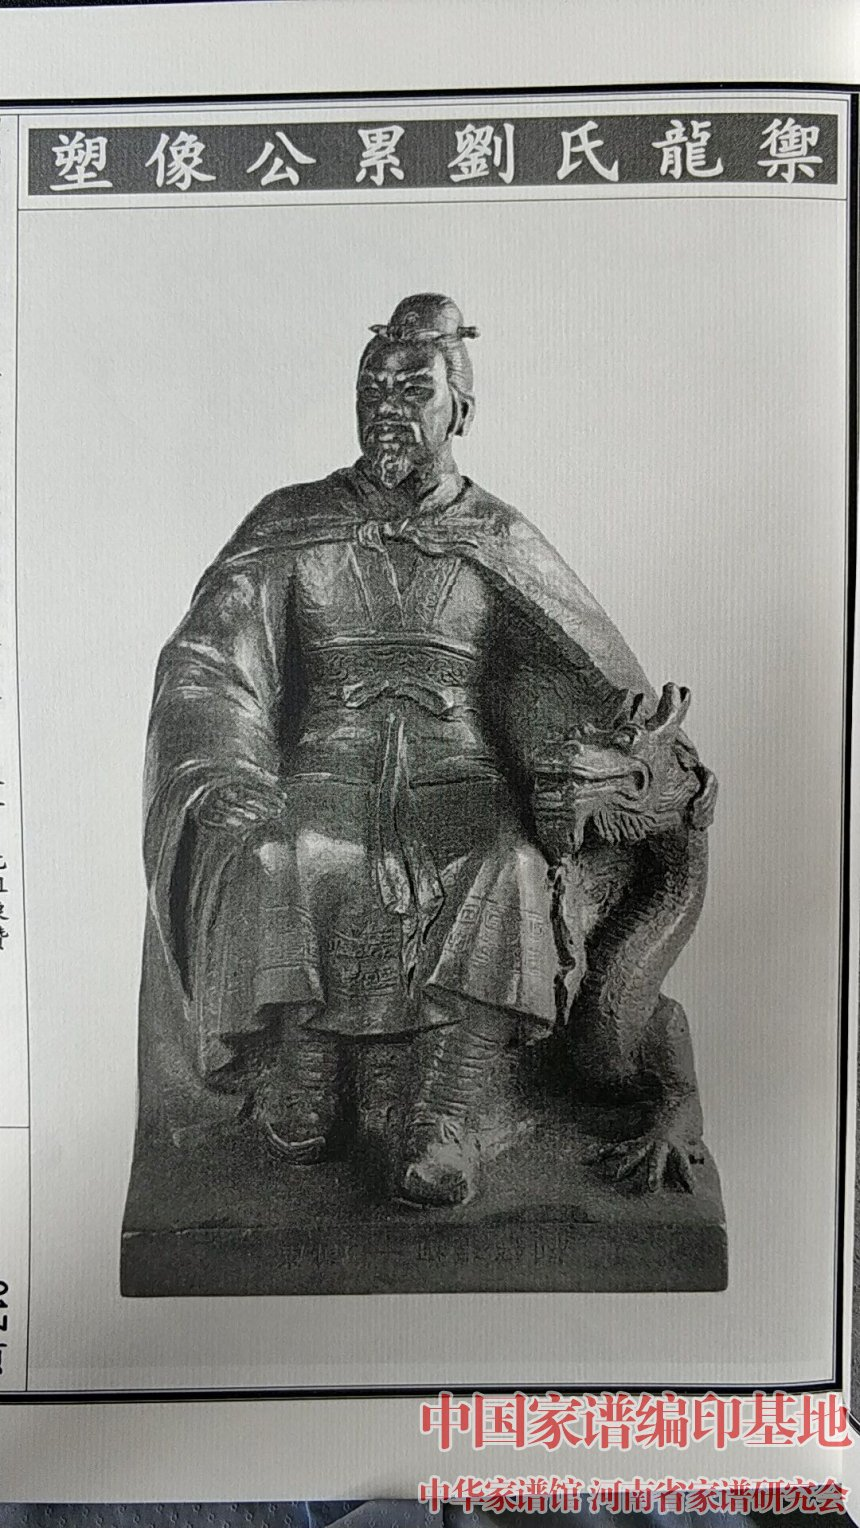 刘氏先祖像赞 (1).jpg